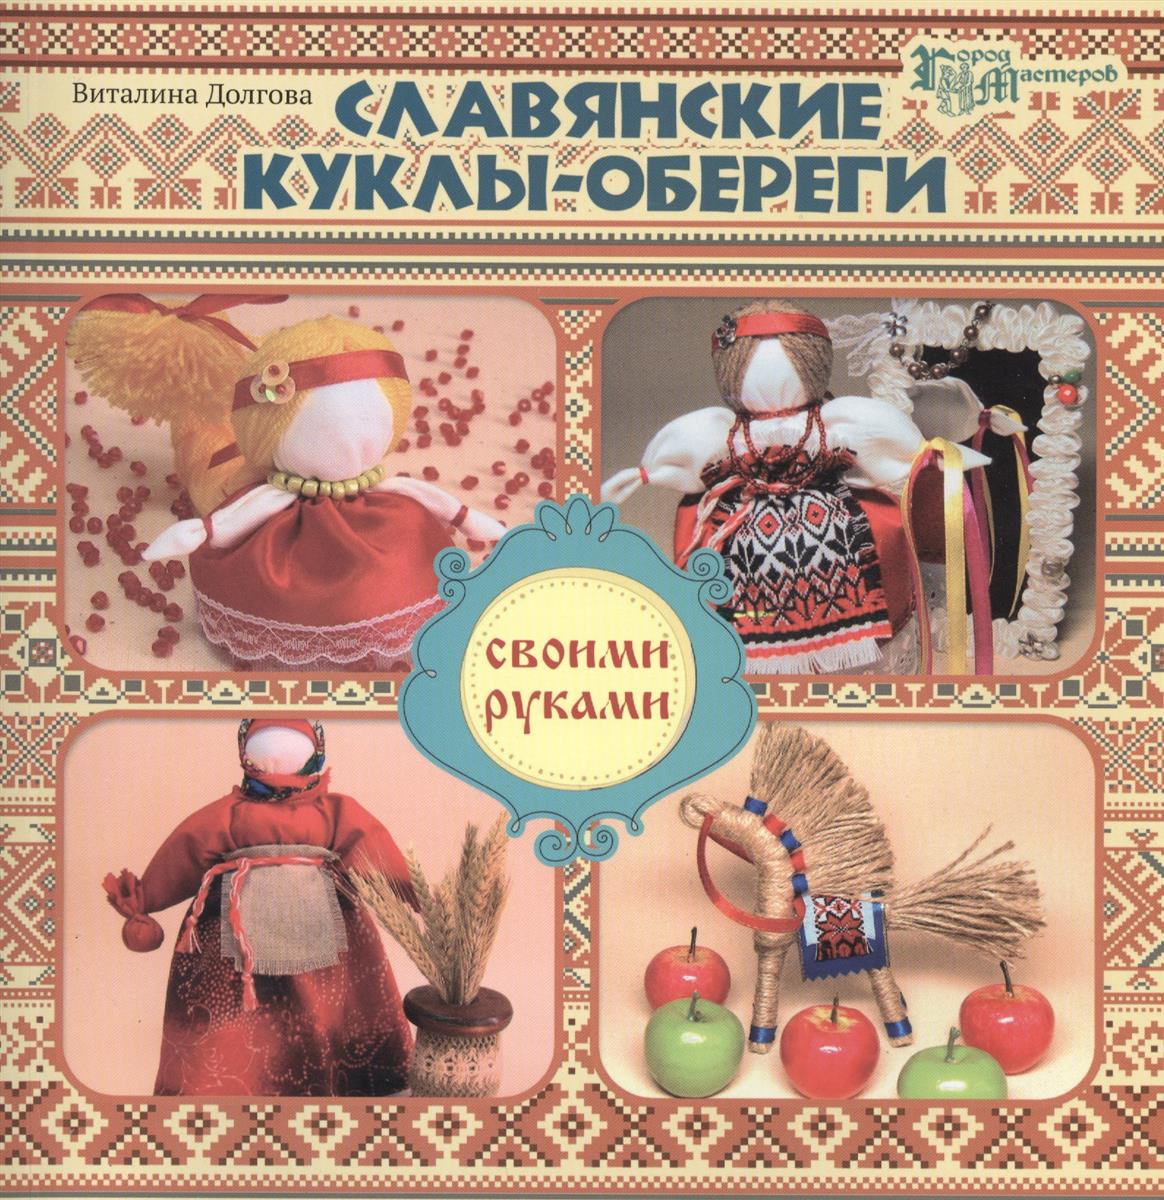 Долгова В. Славянские куклы-обереги своими руками славянские обои славянские полет 306 03